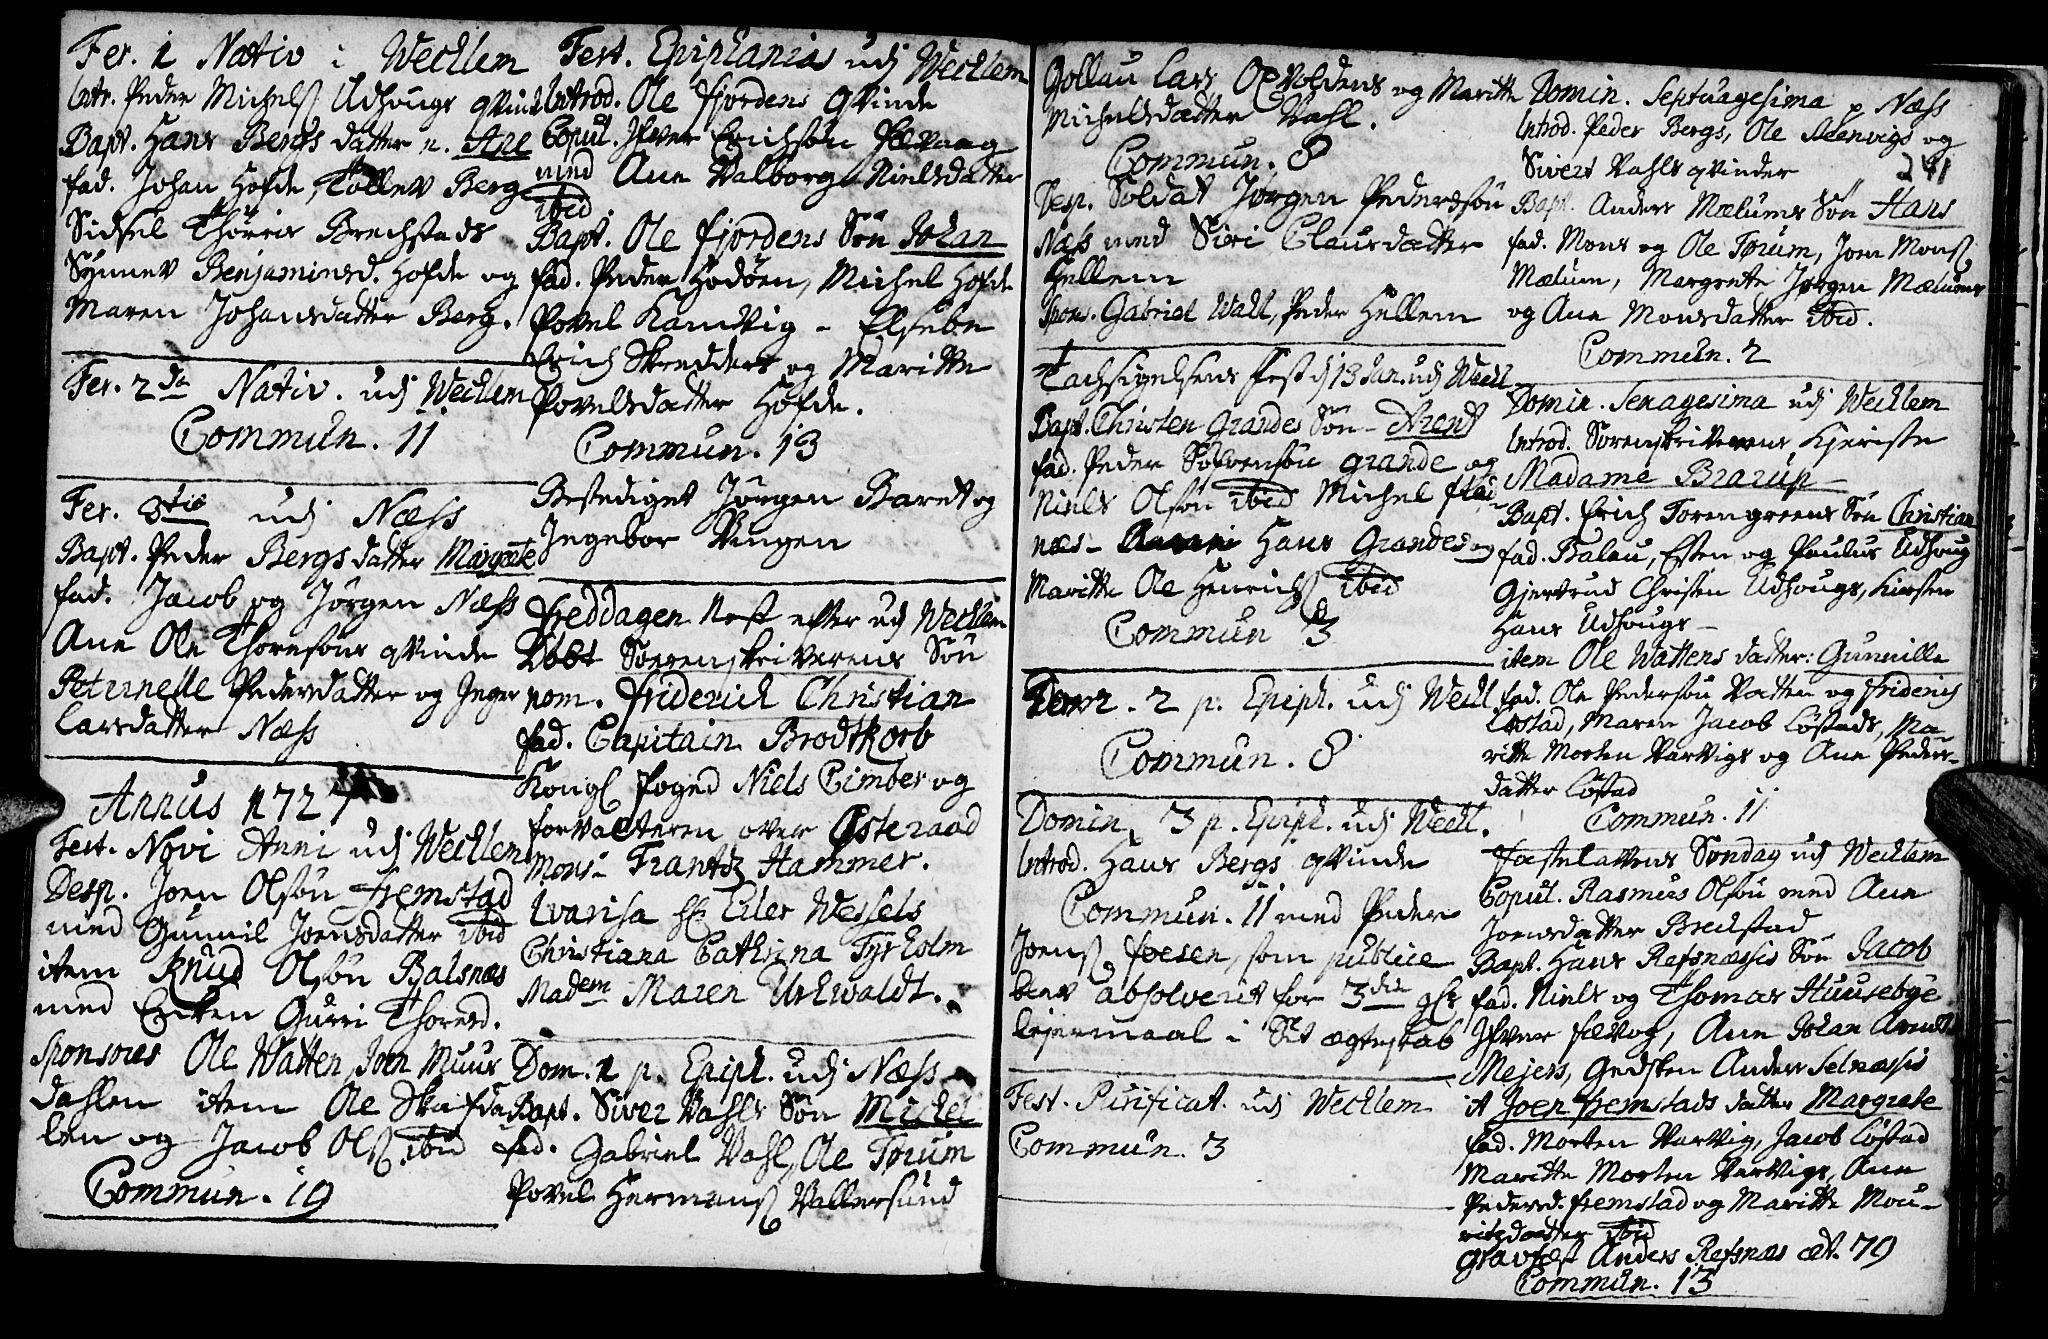 SAT, Ministerialprotokoller, klokkerbøker og fødselsregistre - Sør-Trøndelag, 659/L0731: Ministerialbok nr. 659A01, 1709-1731, s. 240-241